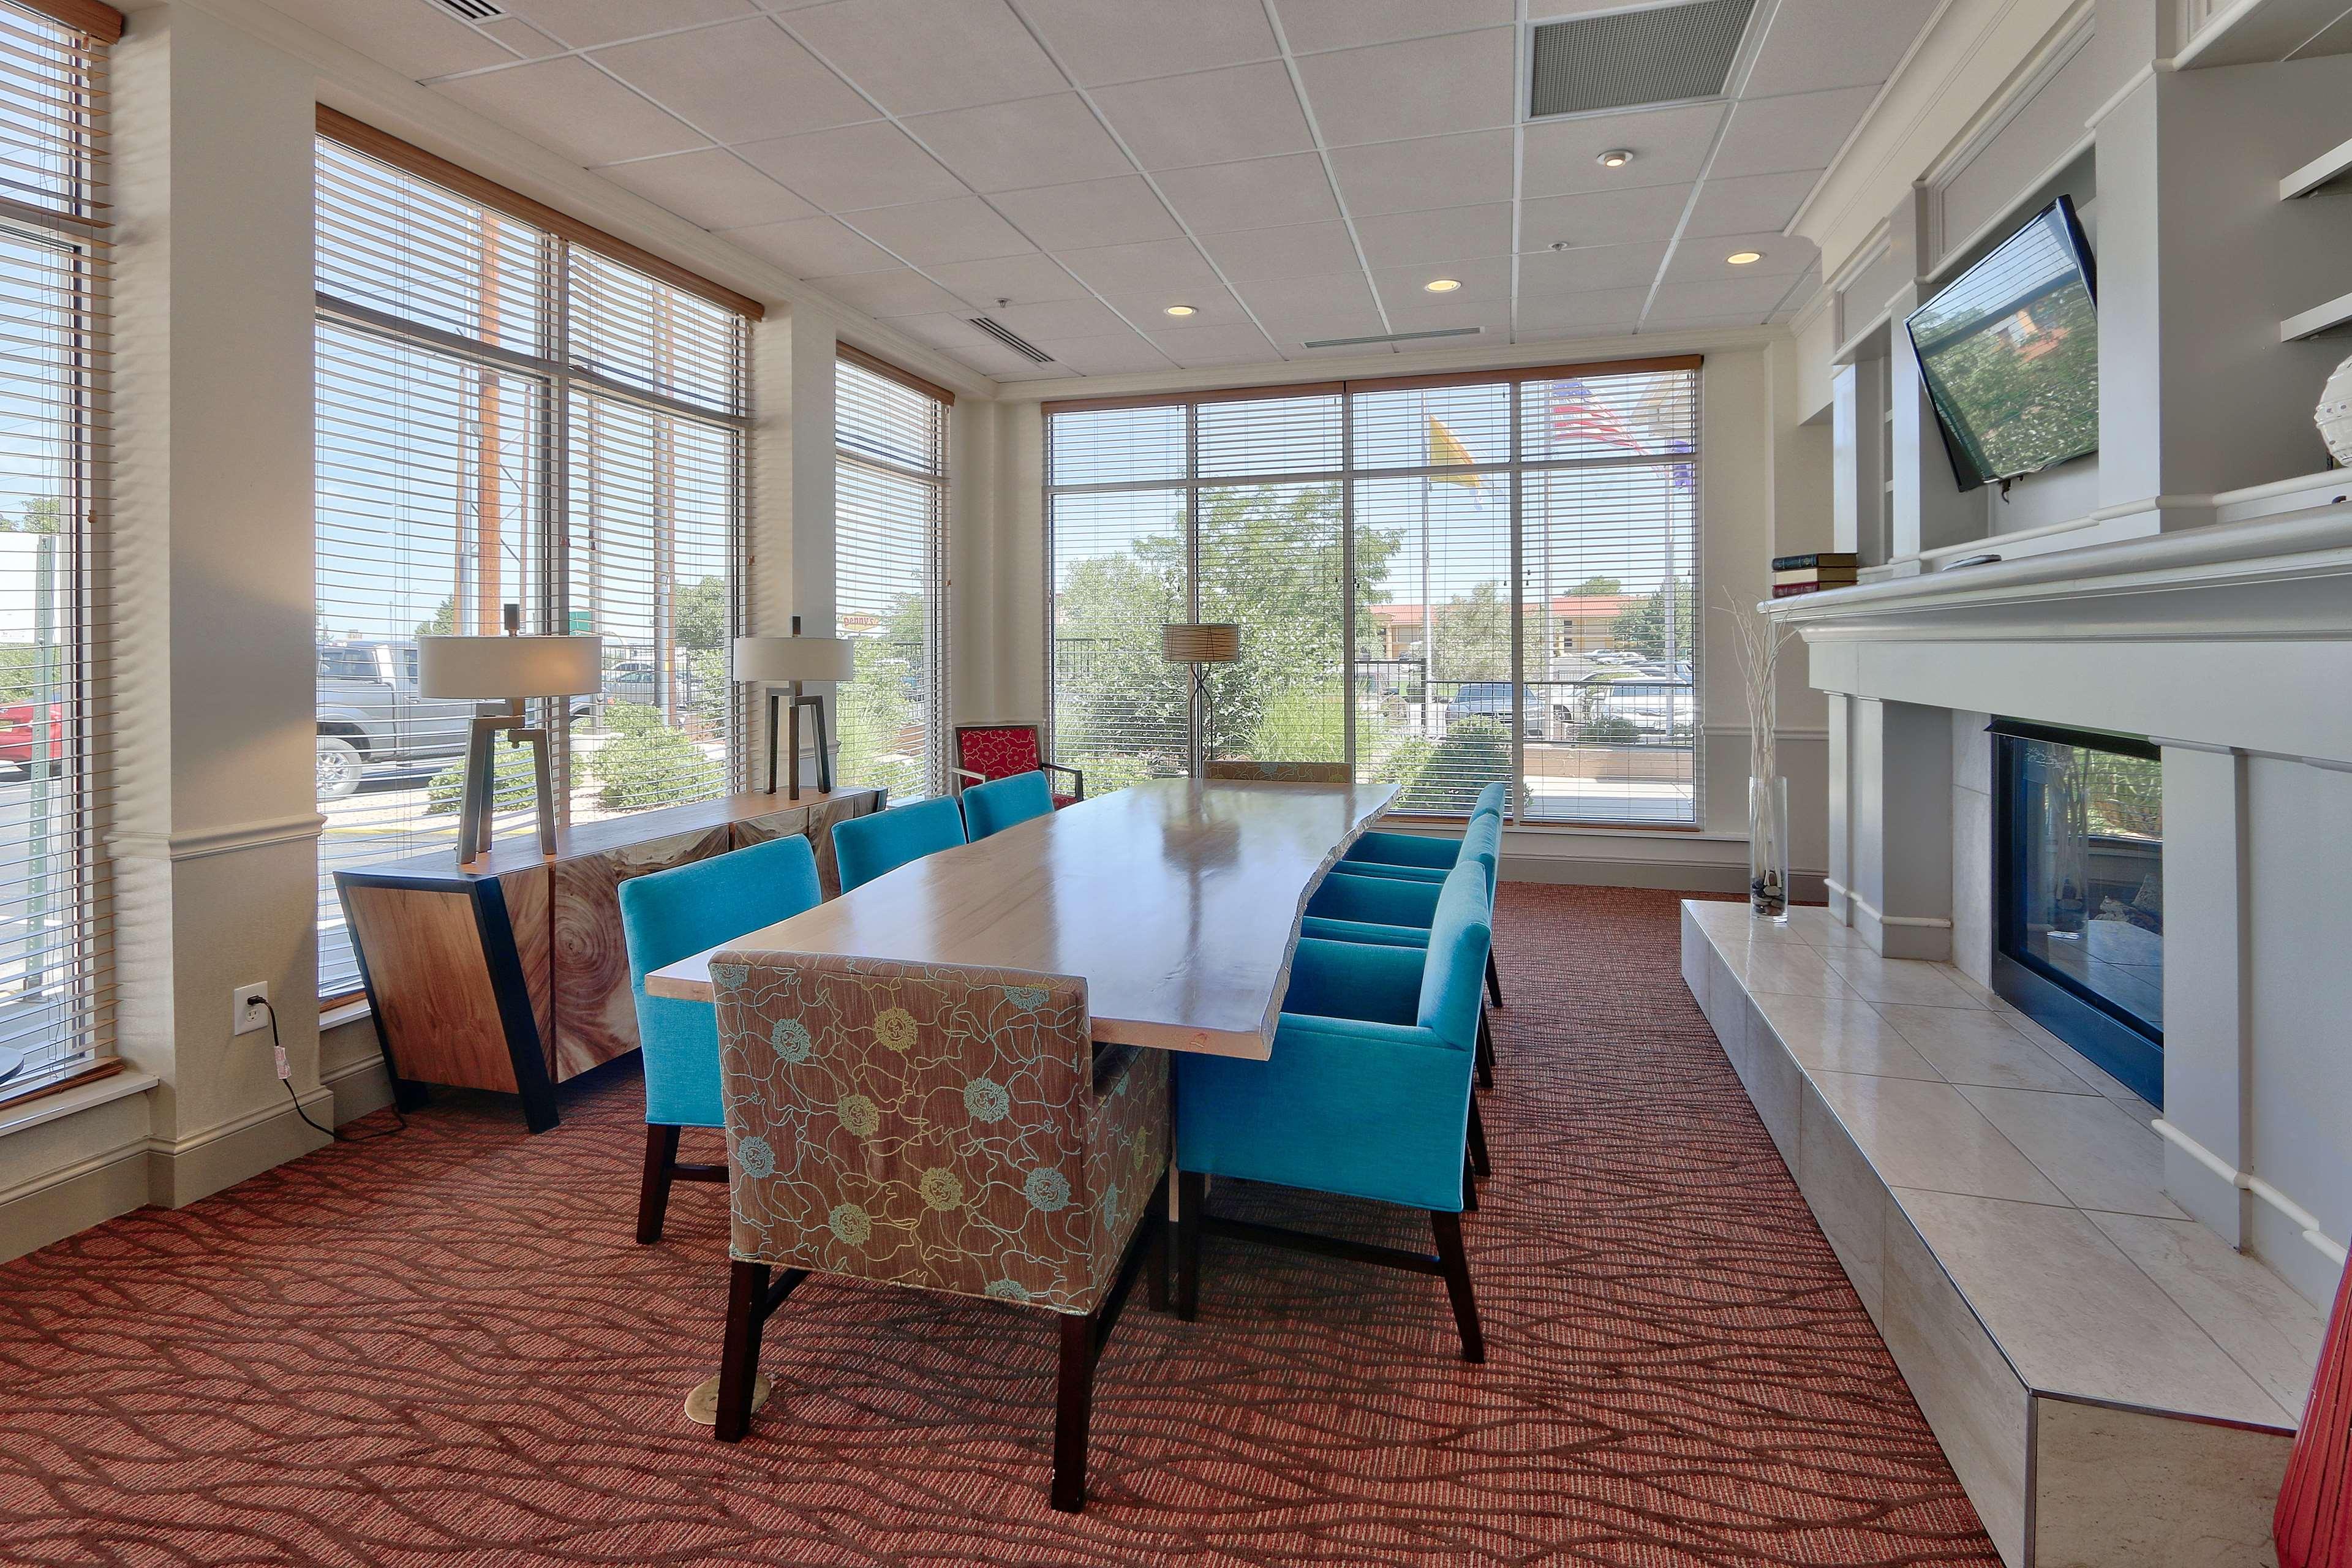 Hilton Garden Inn Albuquerque/Journal Center image 5